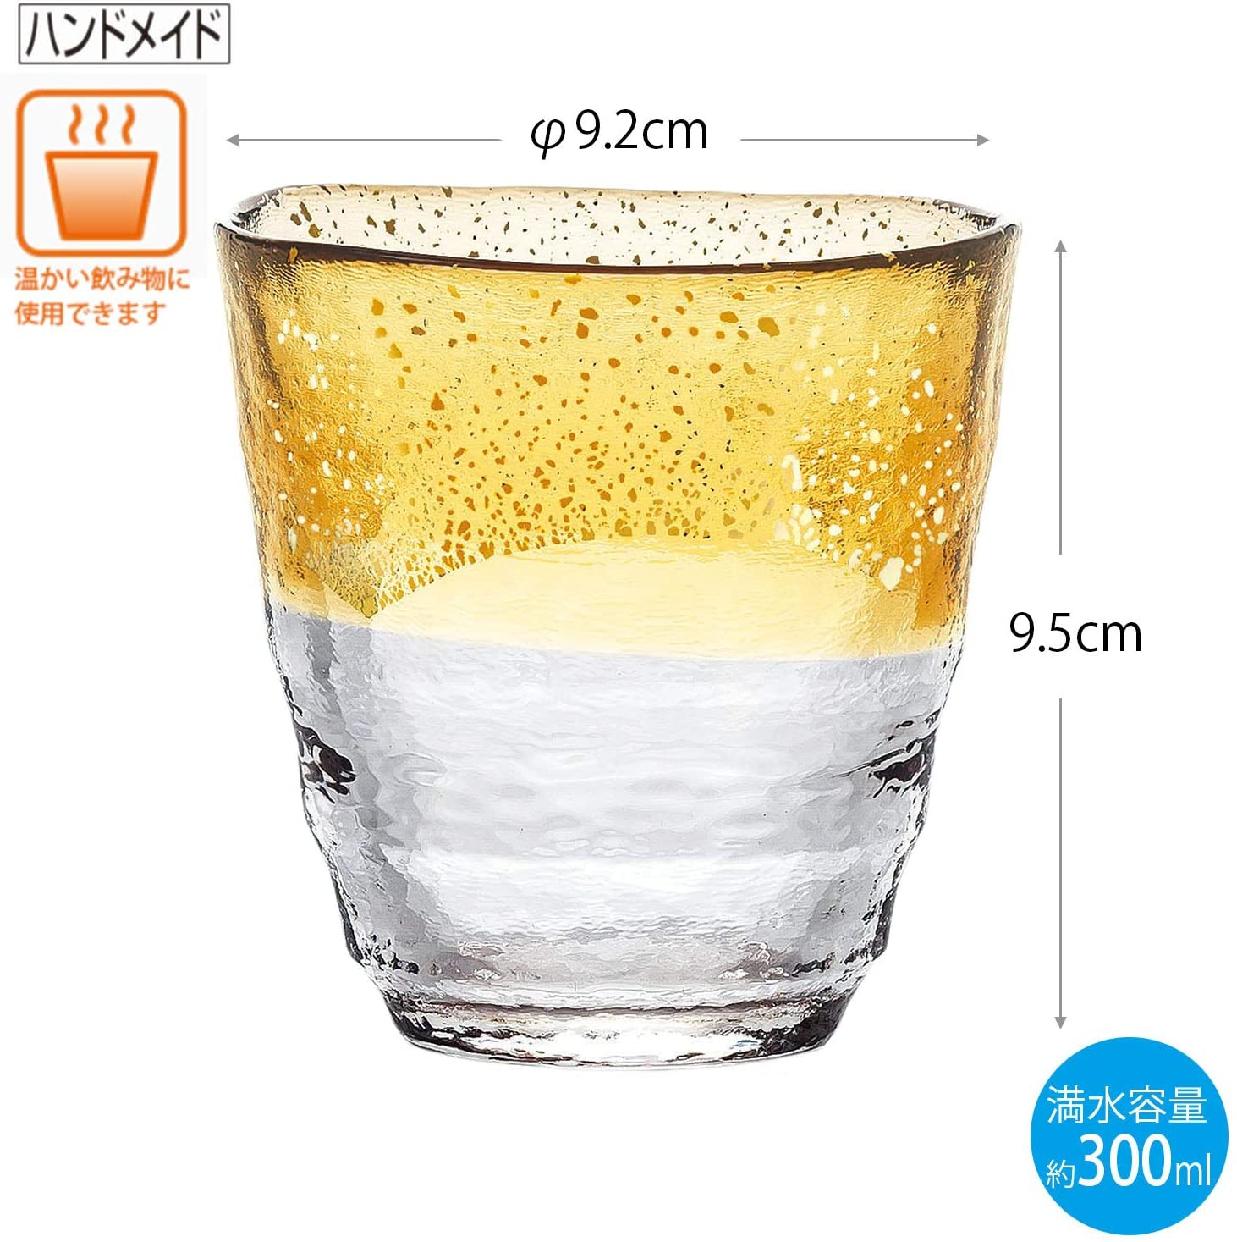 東洋佐々木ガラス お湯わり焼酎ぐらす(琥珀・金箔) 42130TS-G-WGABの商品画像3